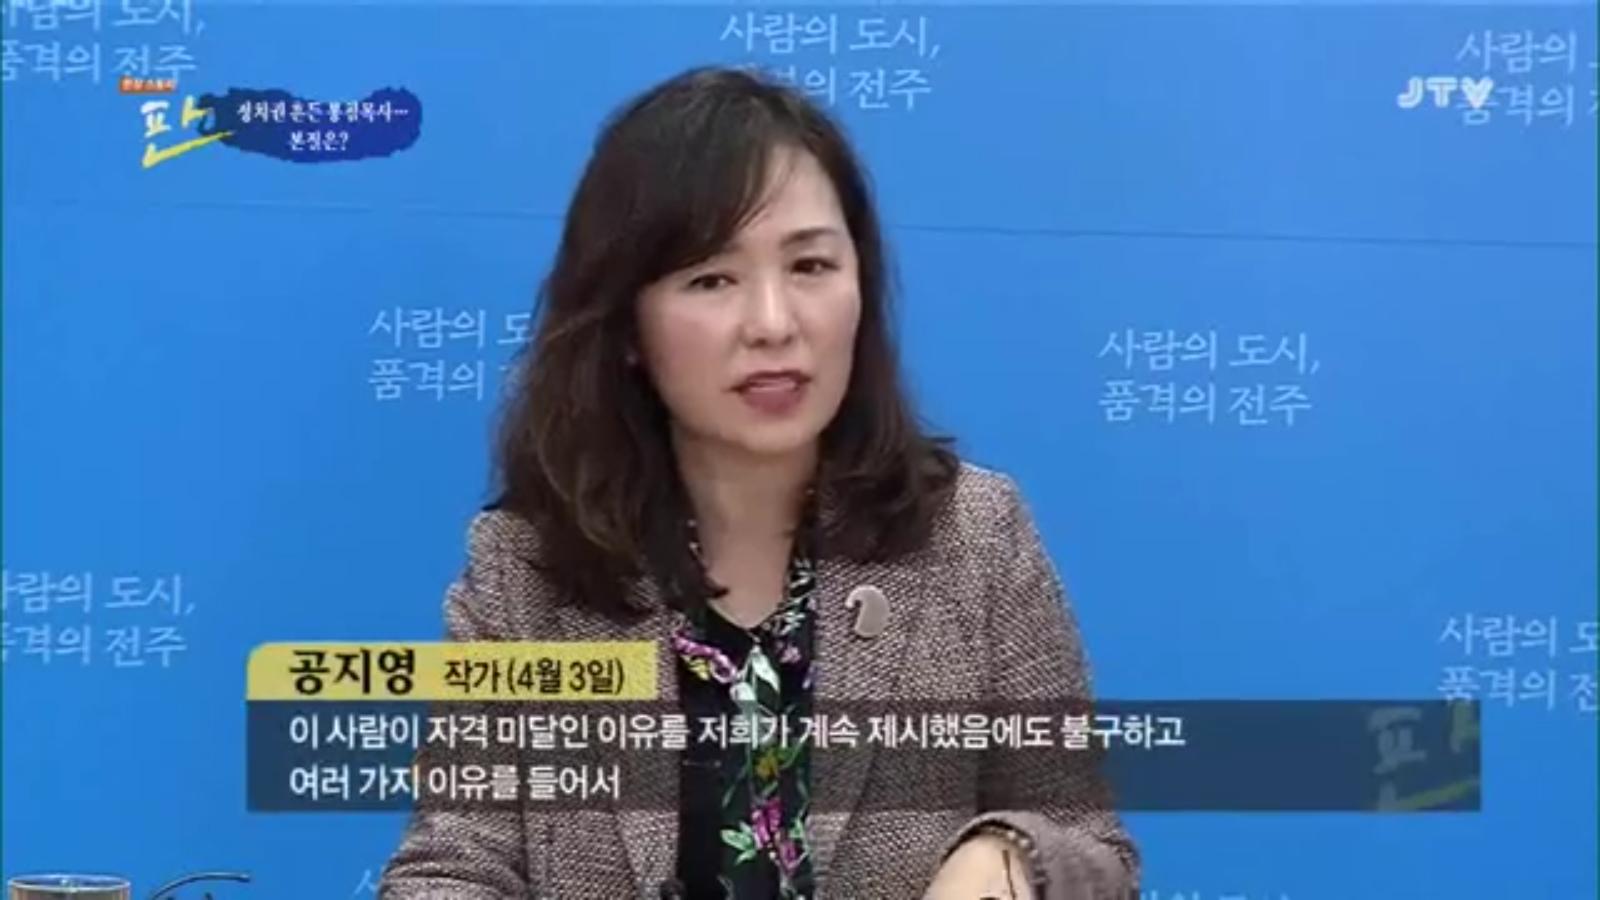 [18.4.13 JTV] 전주 봉침게이트, 정치권 흔든 봉침목사...본질은31.jpg